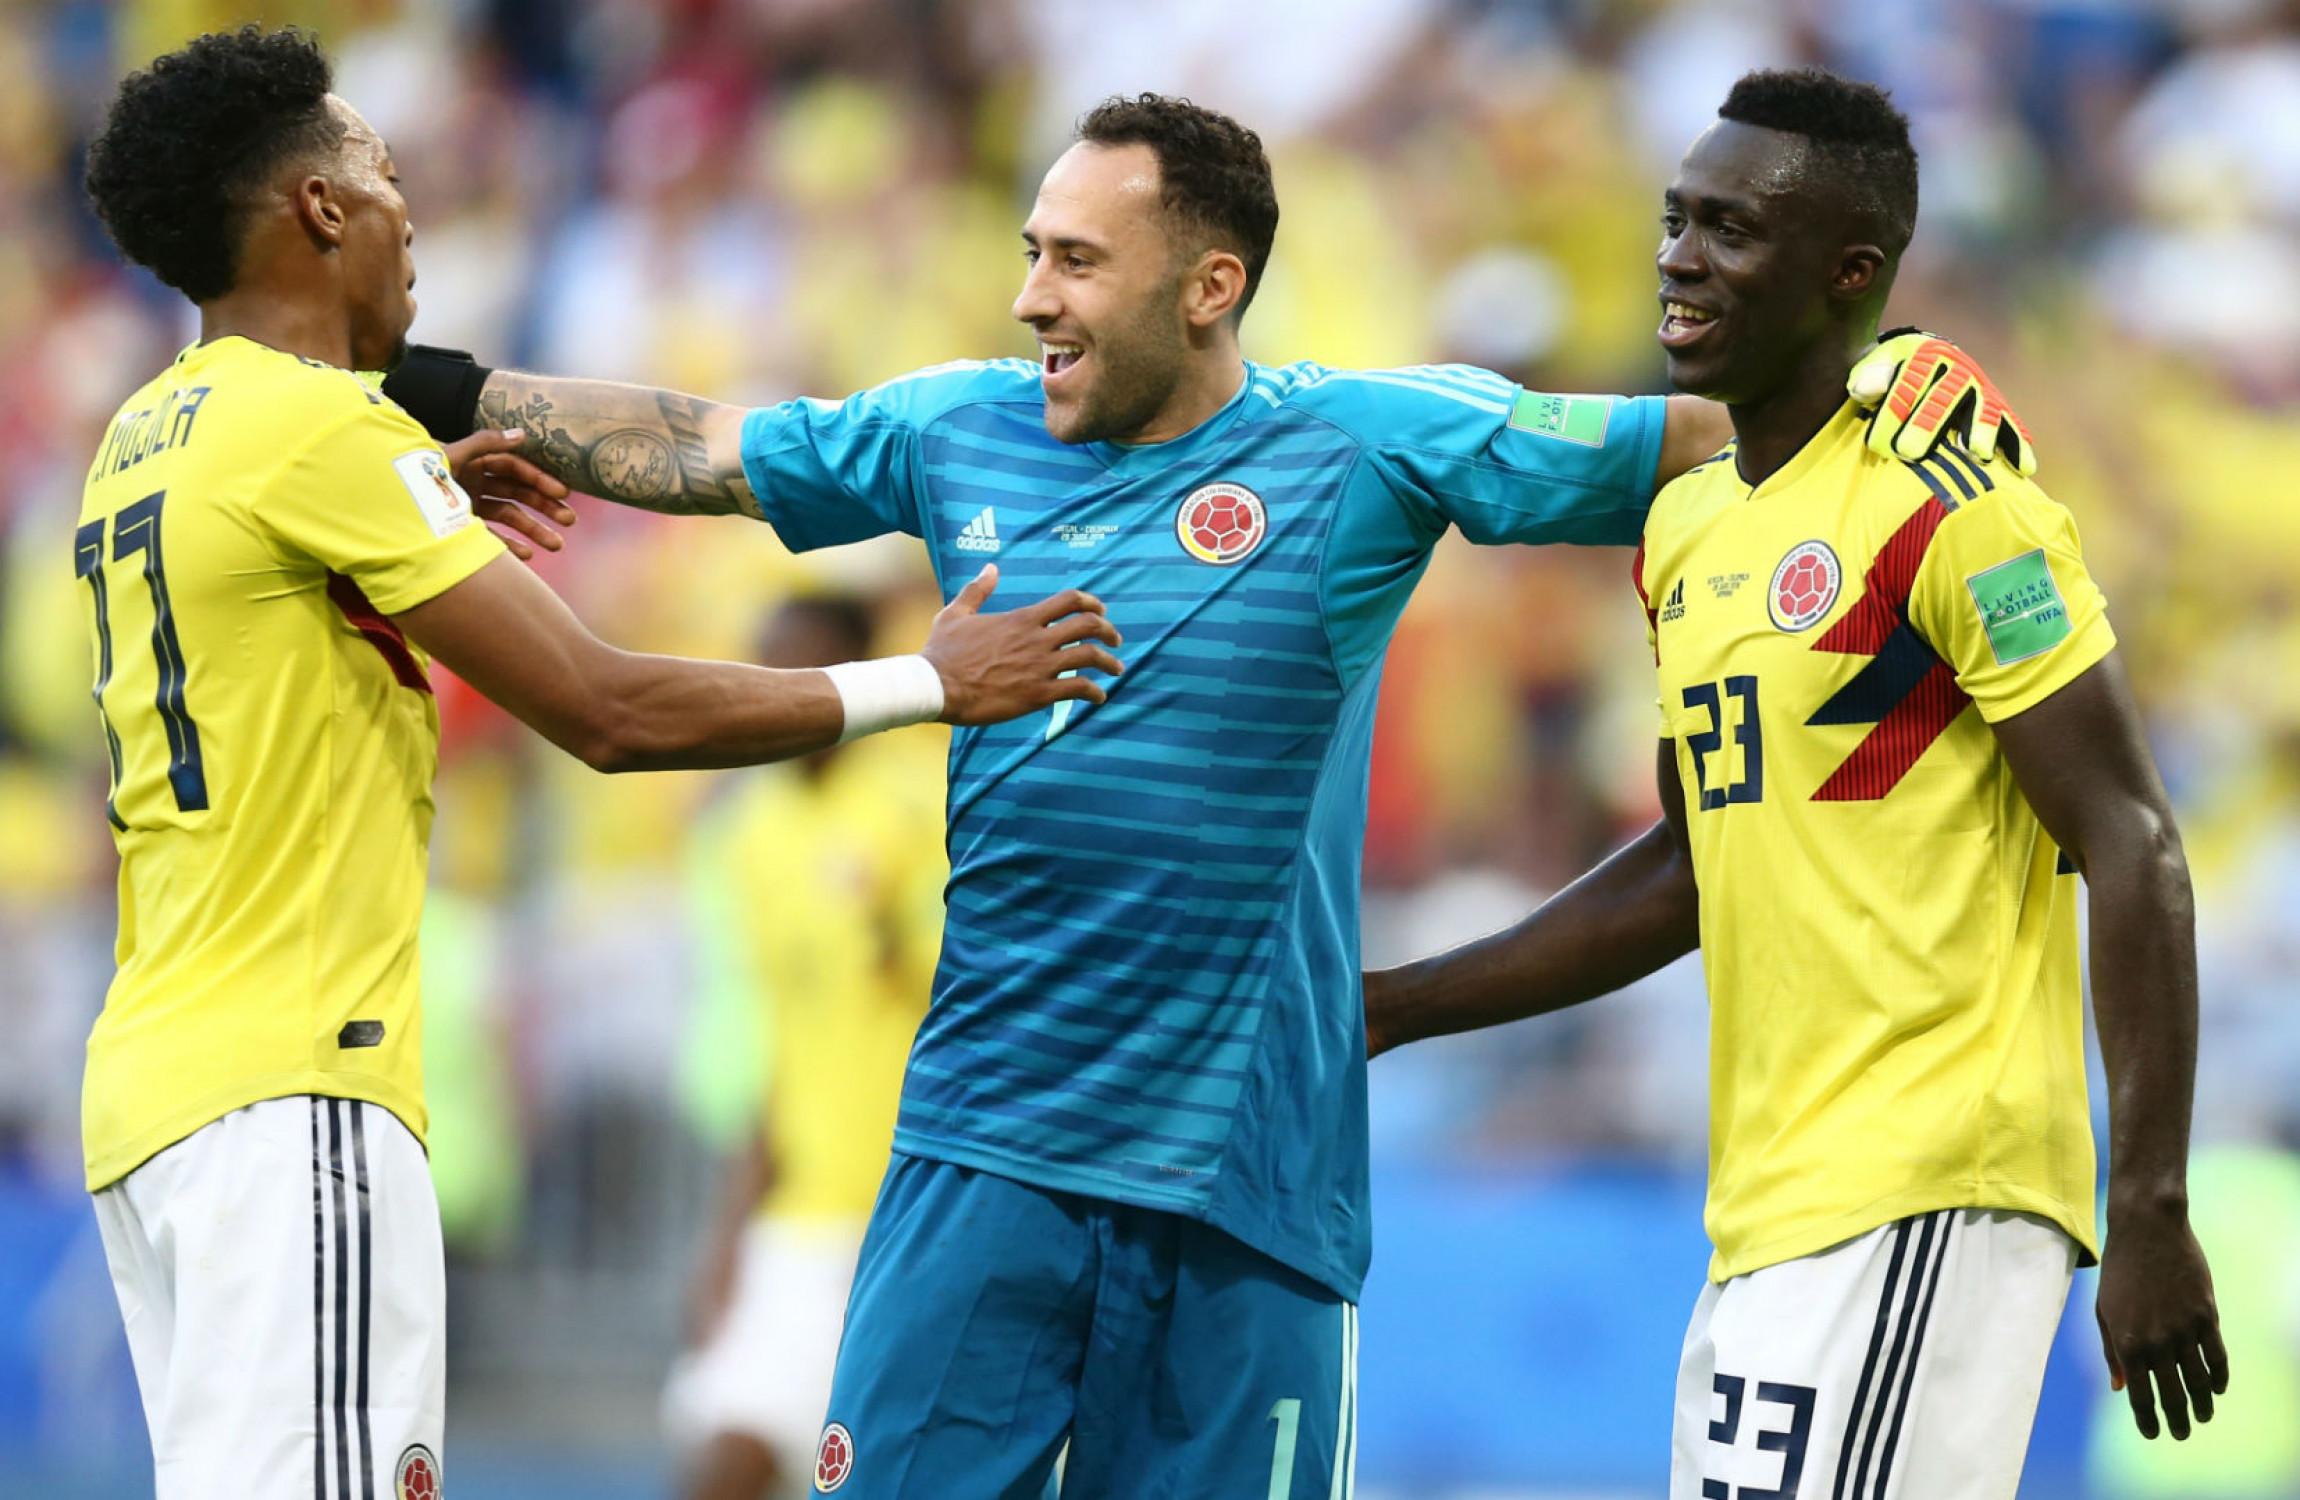 Columbian goalkeeper Ospina David